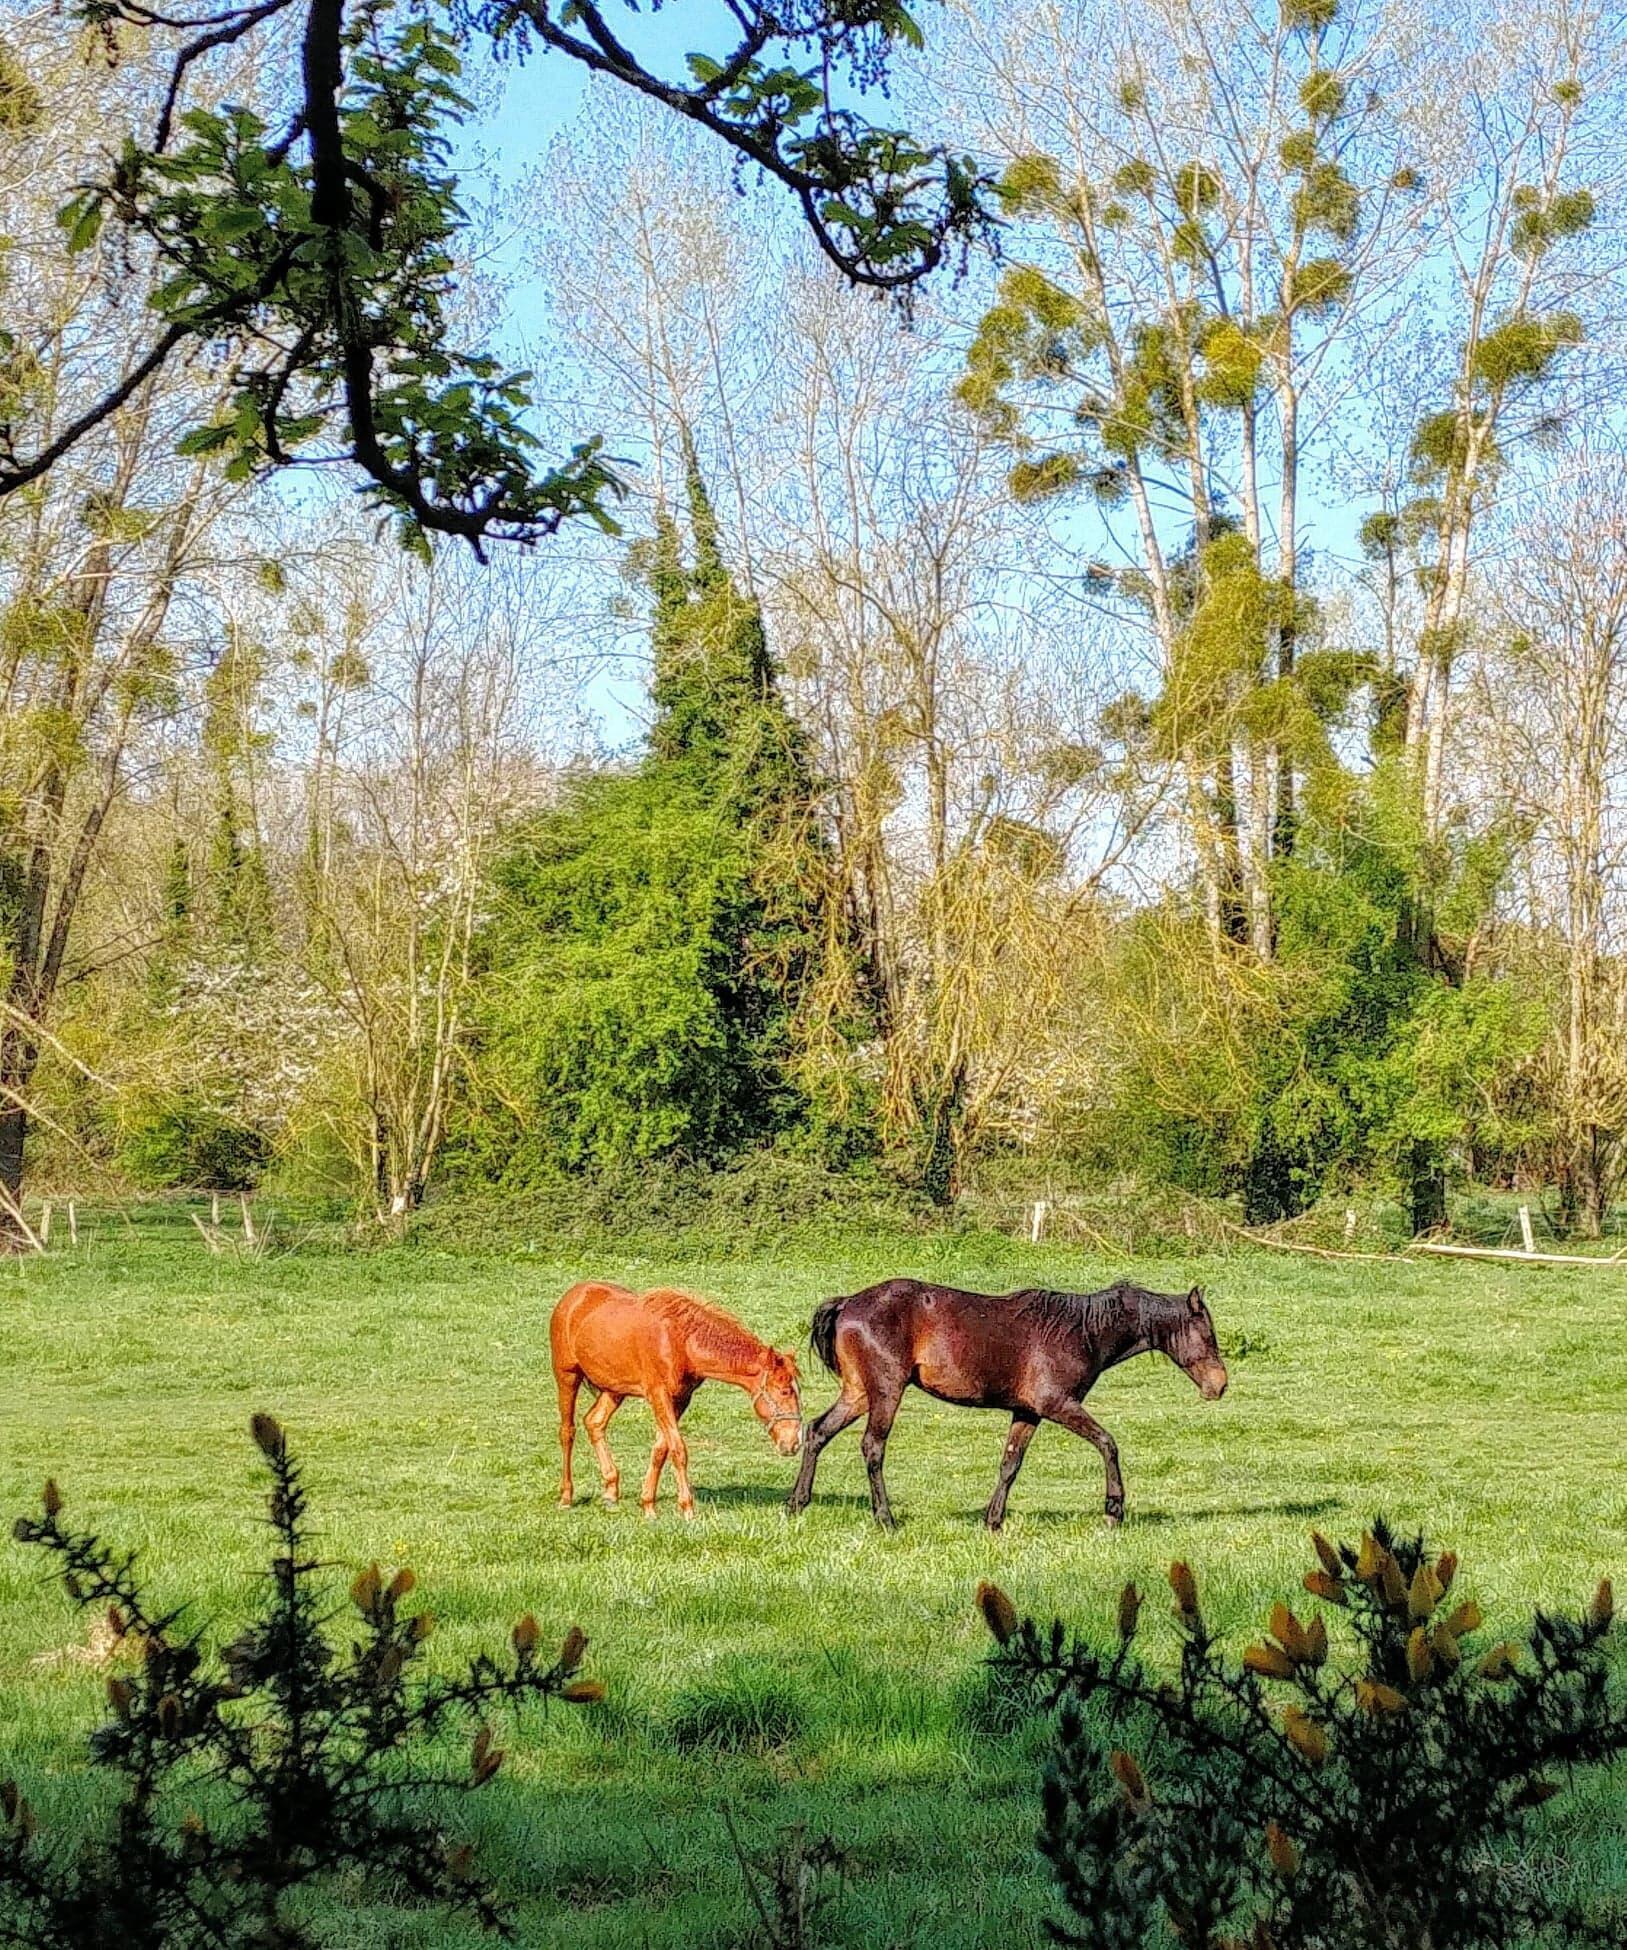 Những nông trại ở vùng đồng quê Normandie yên tĩnh